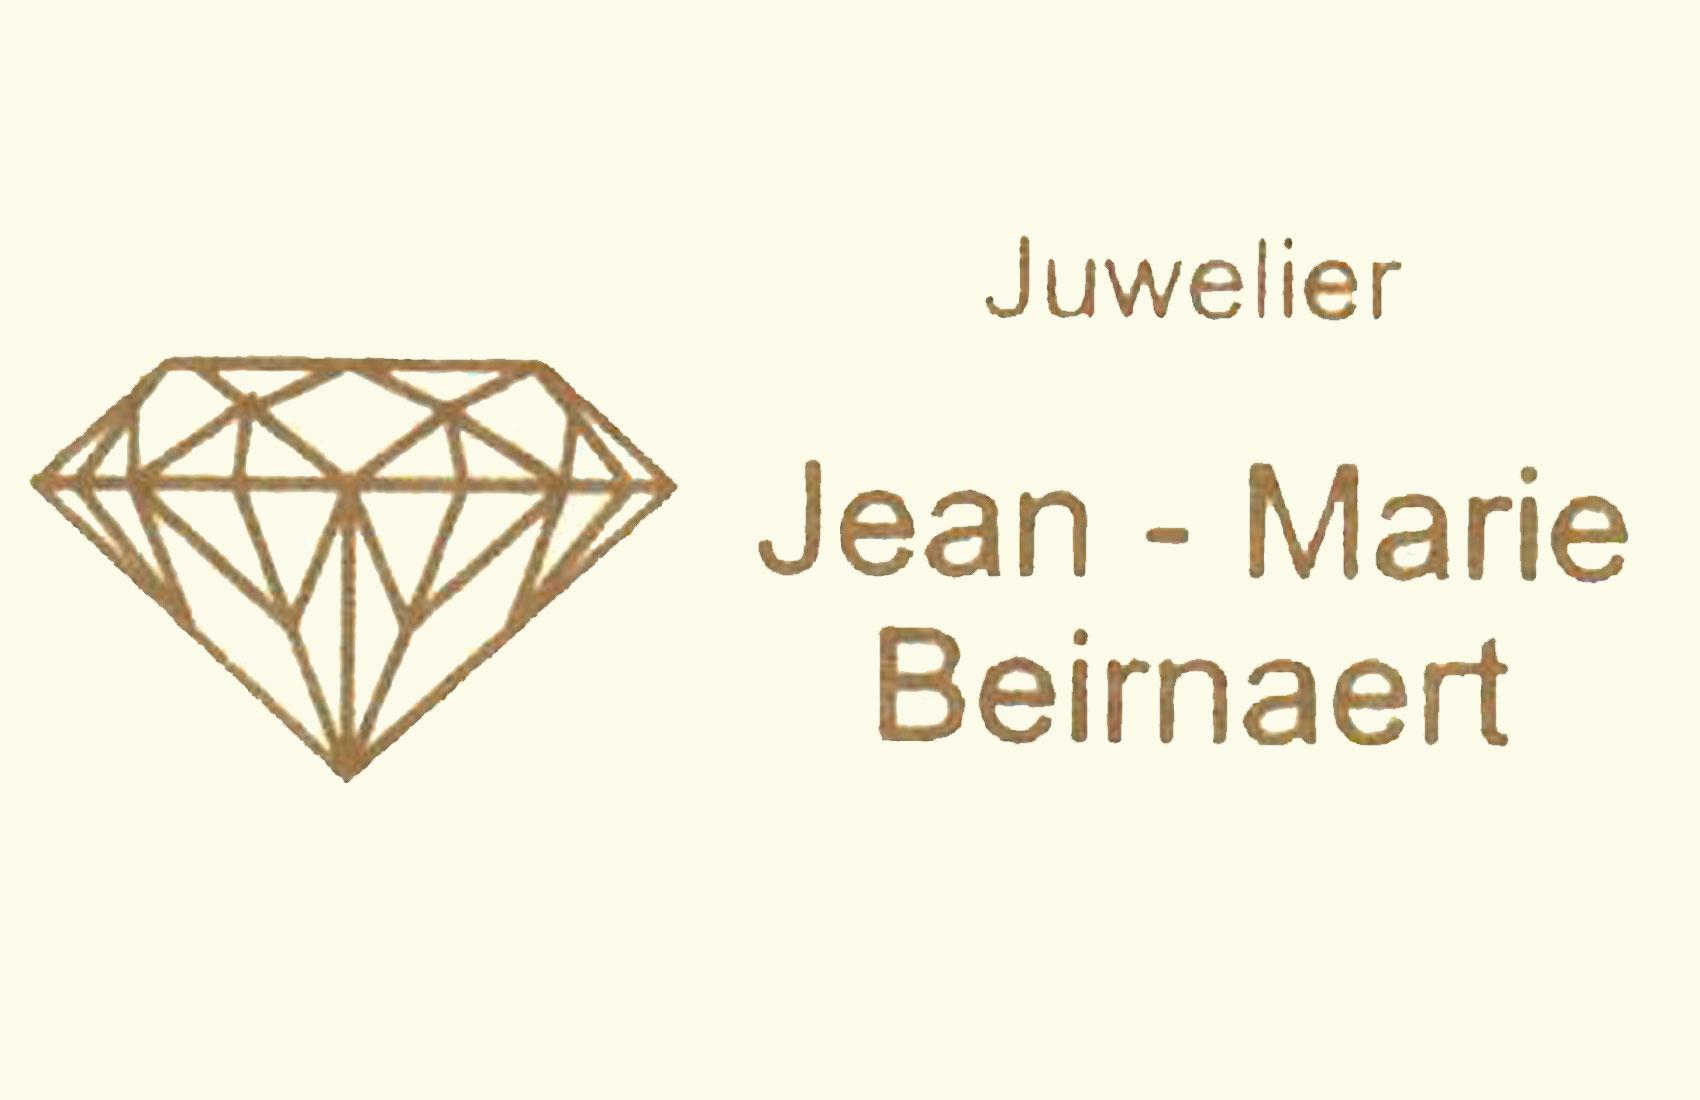 Beirnaert Jean Marie Juwelier